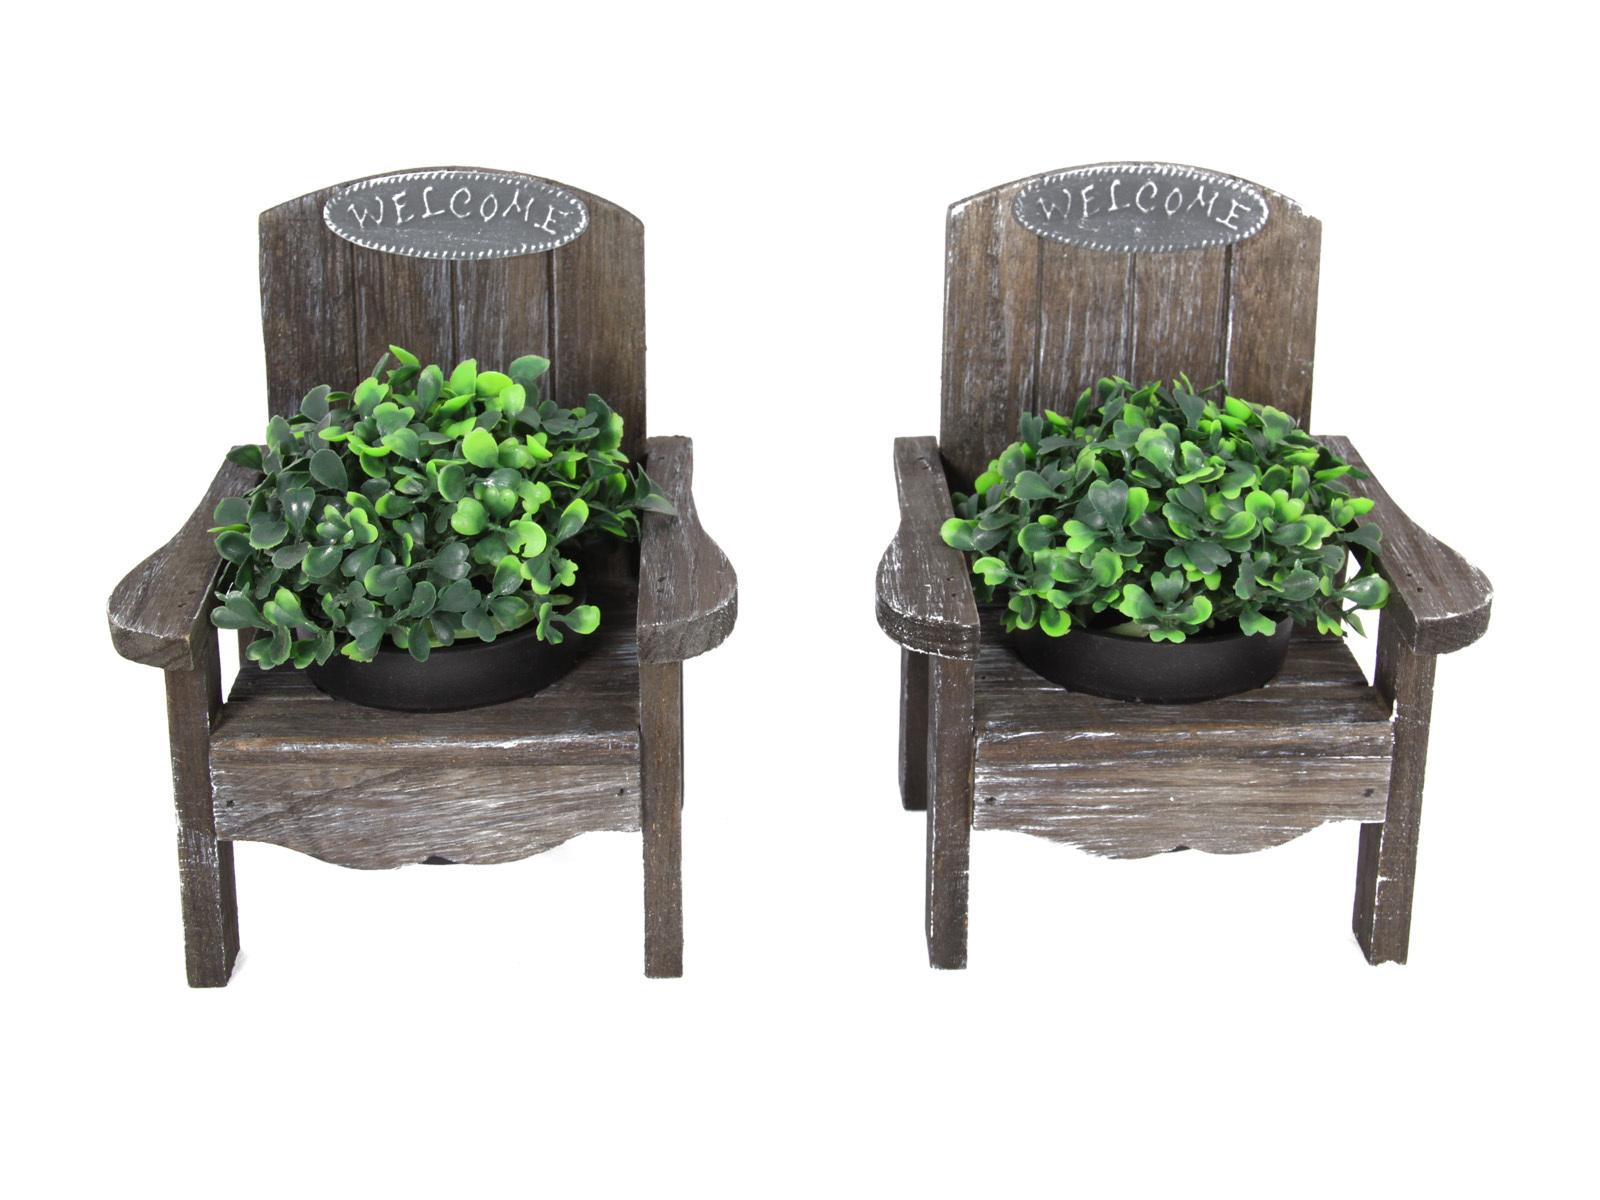 1pce 20cm Wooden Novelty Garden Pot Holder Welcome Chair